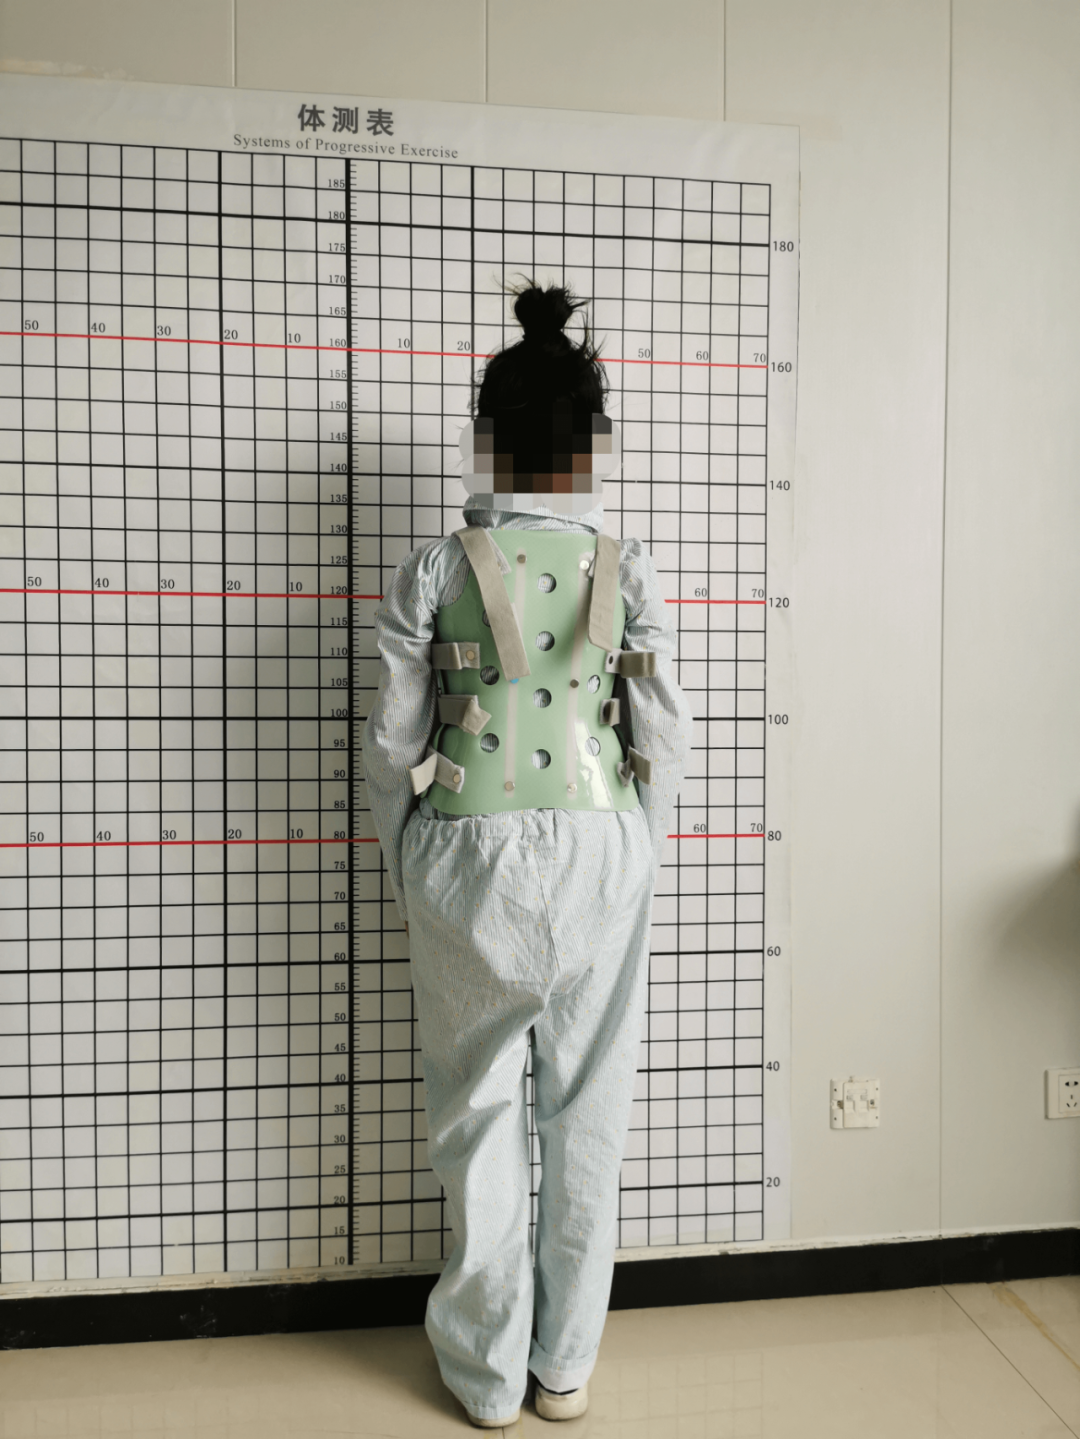 脊柱侧弯八年后实施矫正手术,19 岁女孩「增高」5 厘米